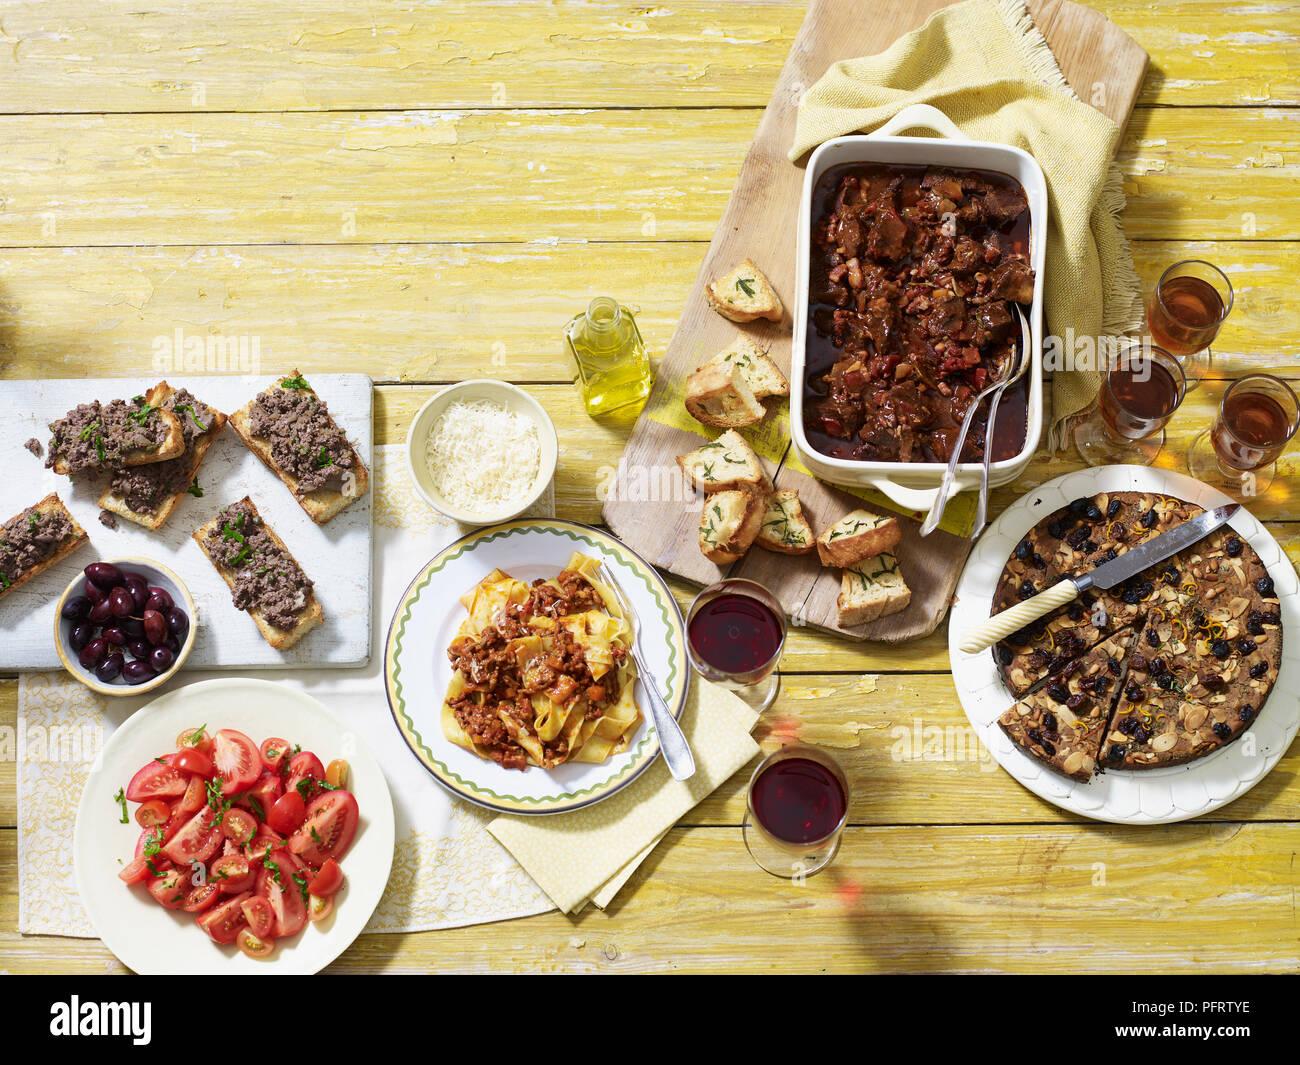 Autunno Toscano cena, compresi i crostini di fegatini di pollo (fegato), pappardelle al ragu, spezzatino di manzo (stufato di manzo), il castagnaccio Torta di castagne Immagini Stock